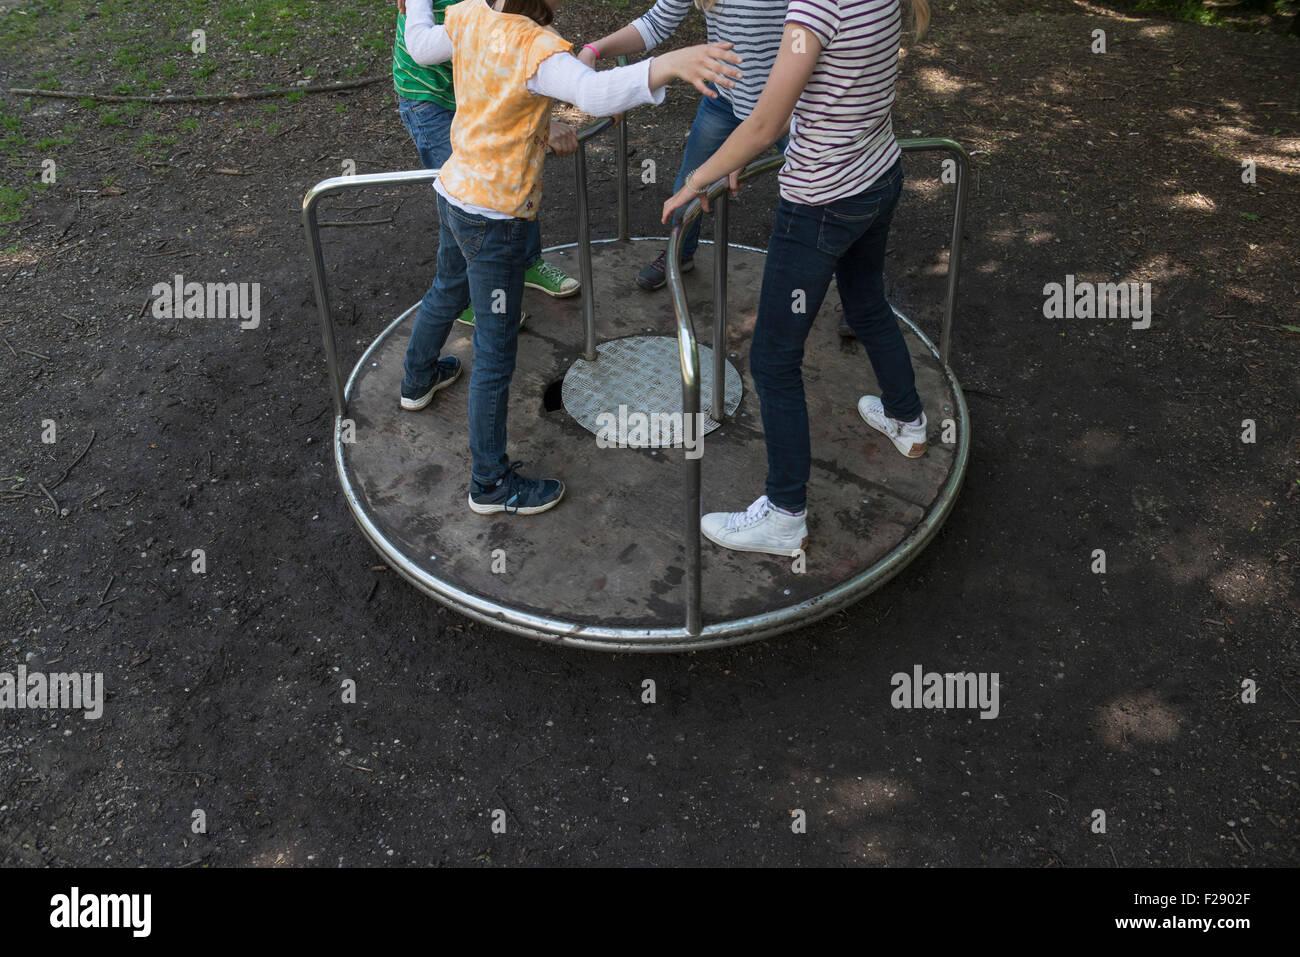 Les enfants s'amusant sur un carrousel en aire de jeux, Munich, Bavière, Allemagne Photo Stock